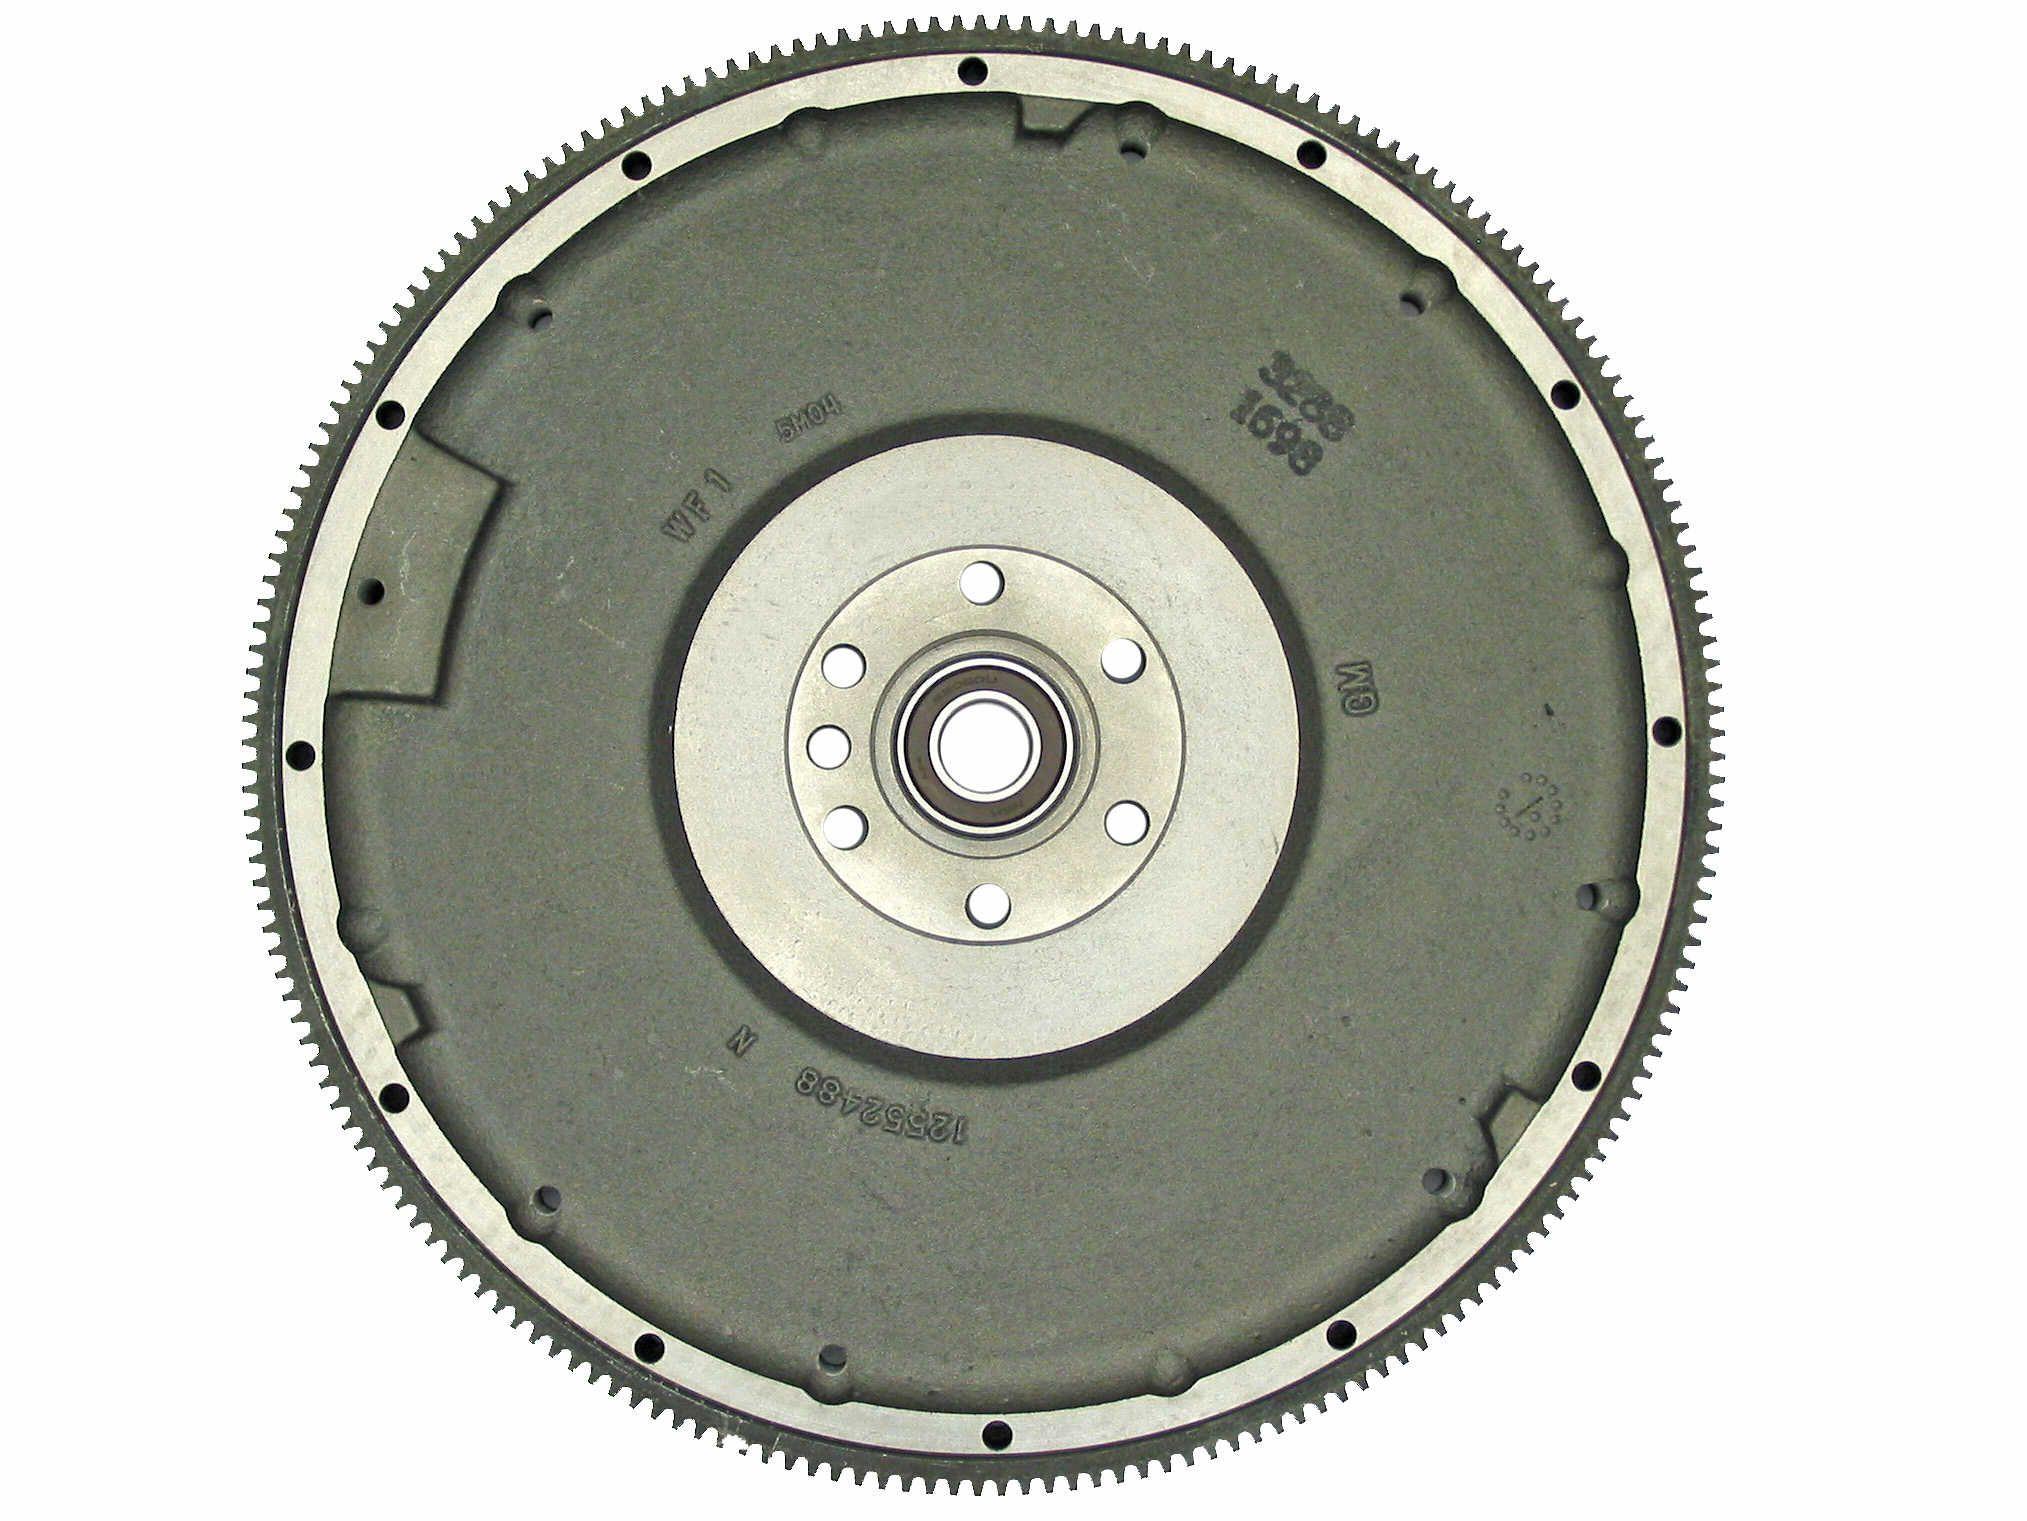 12552486 GM Medium Duty Flywheel Rear View